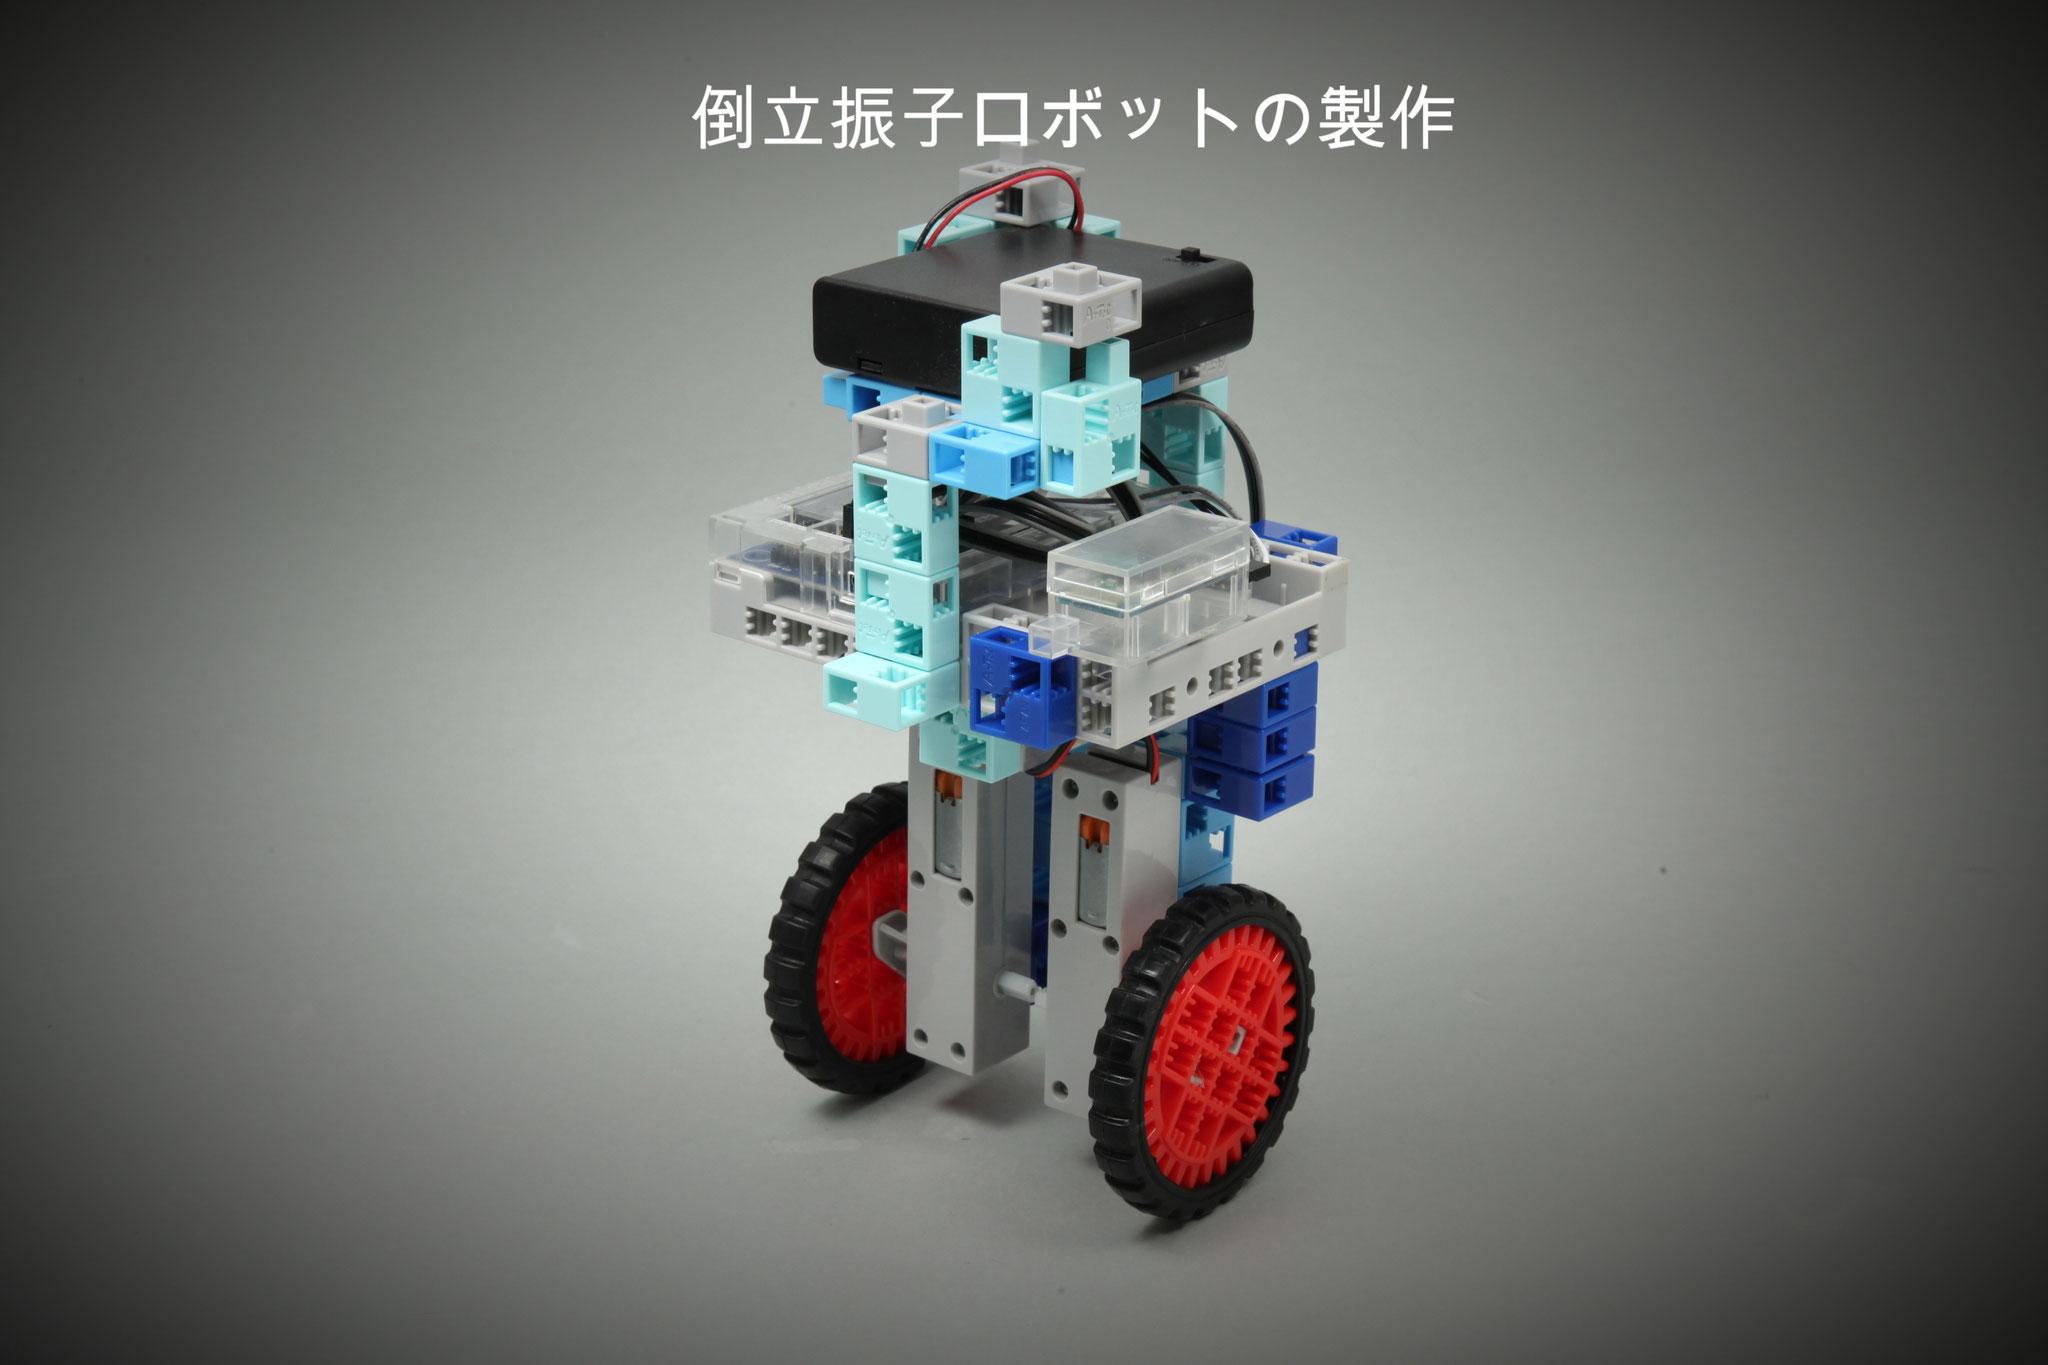 倒立振子ロボットの製作